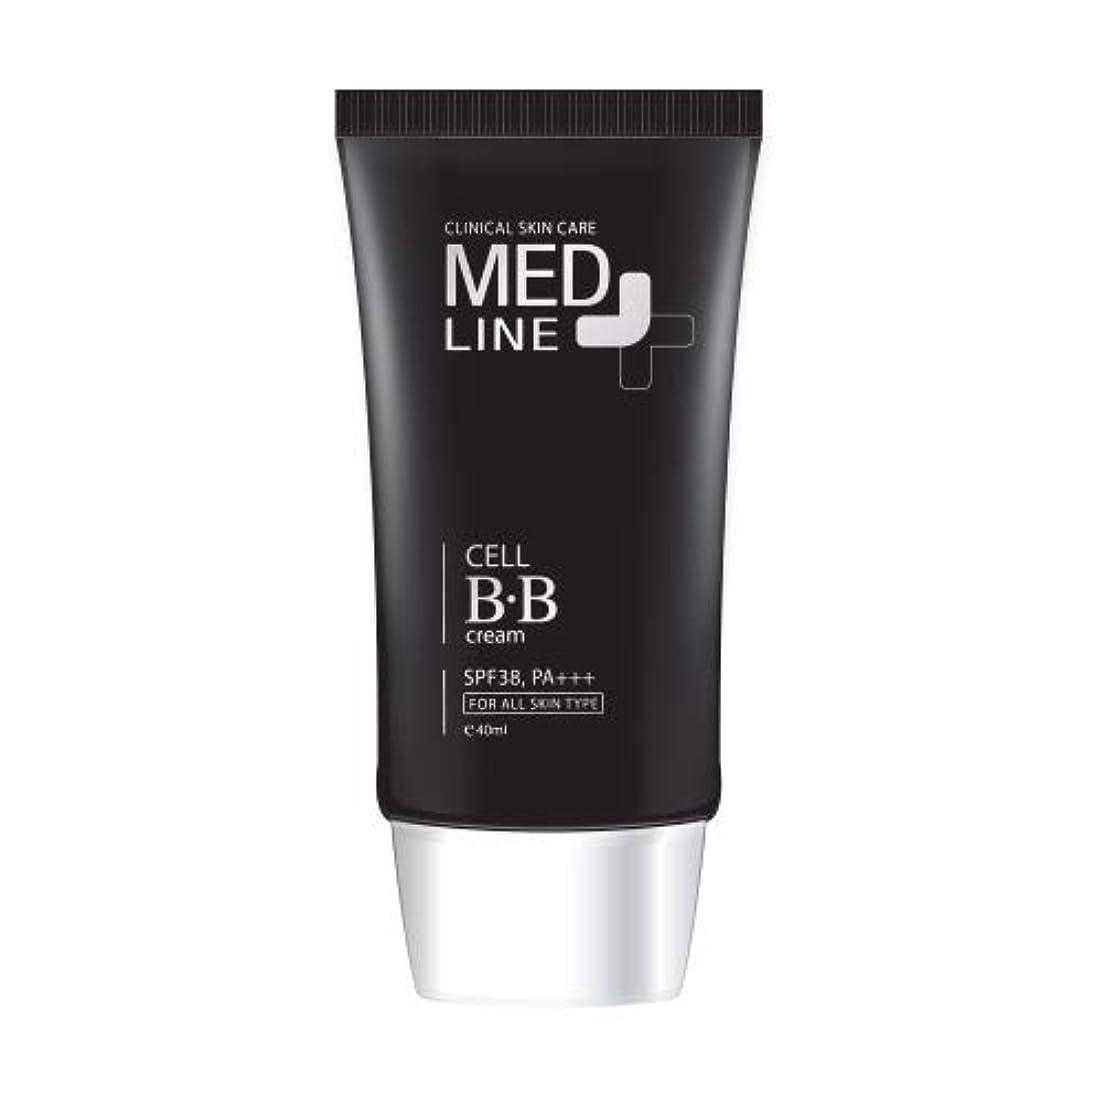 物質呼吸する健全メドライン(Med Line) セルBBクリーム(Cell B.B Cream)